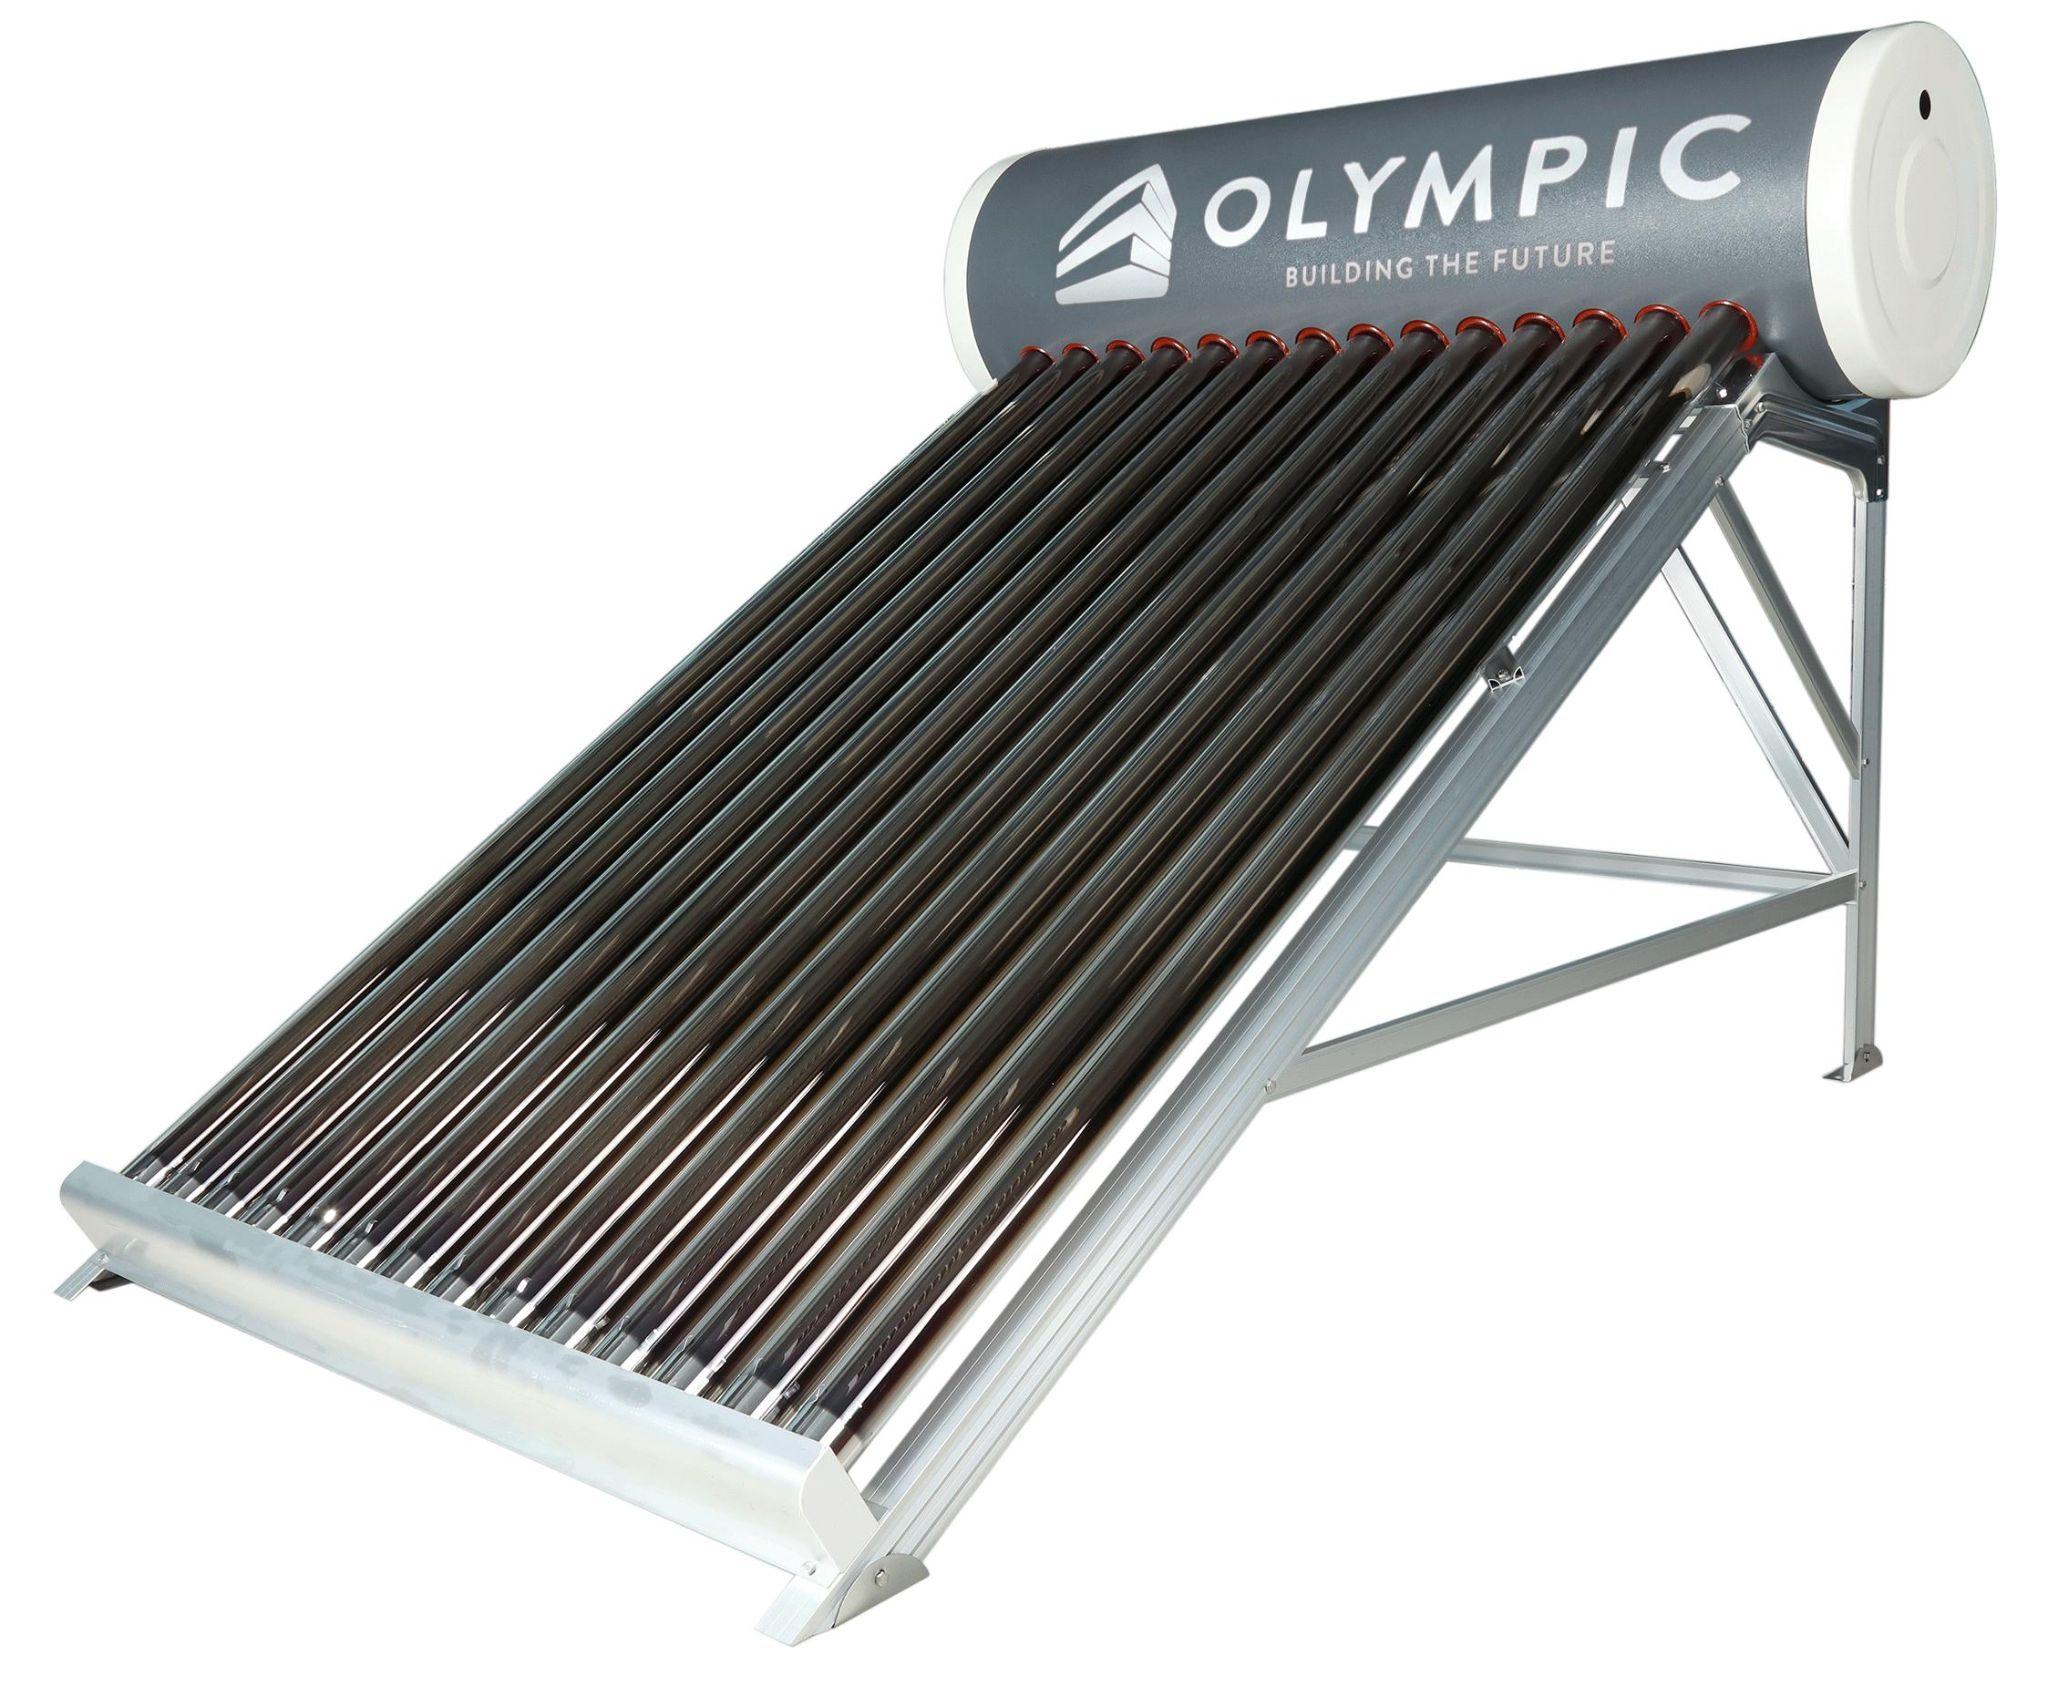 Chế độ bảo hành vô cùng tốt đến từ Olympic